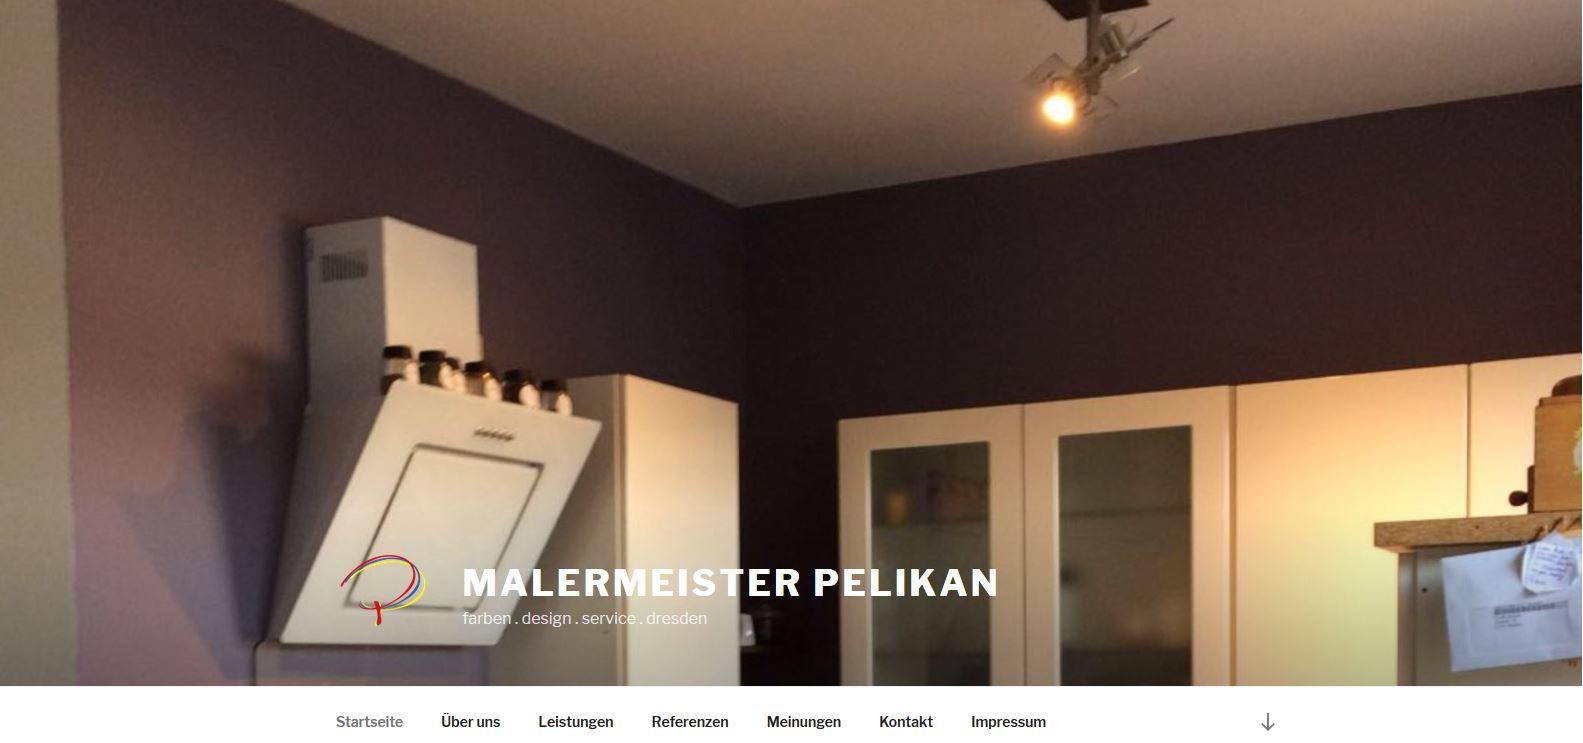 Der Malermeister Pelikan hat eine neue Homepage